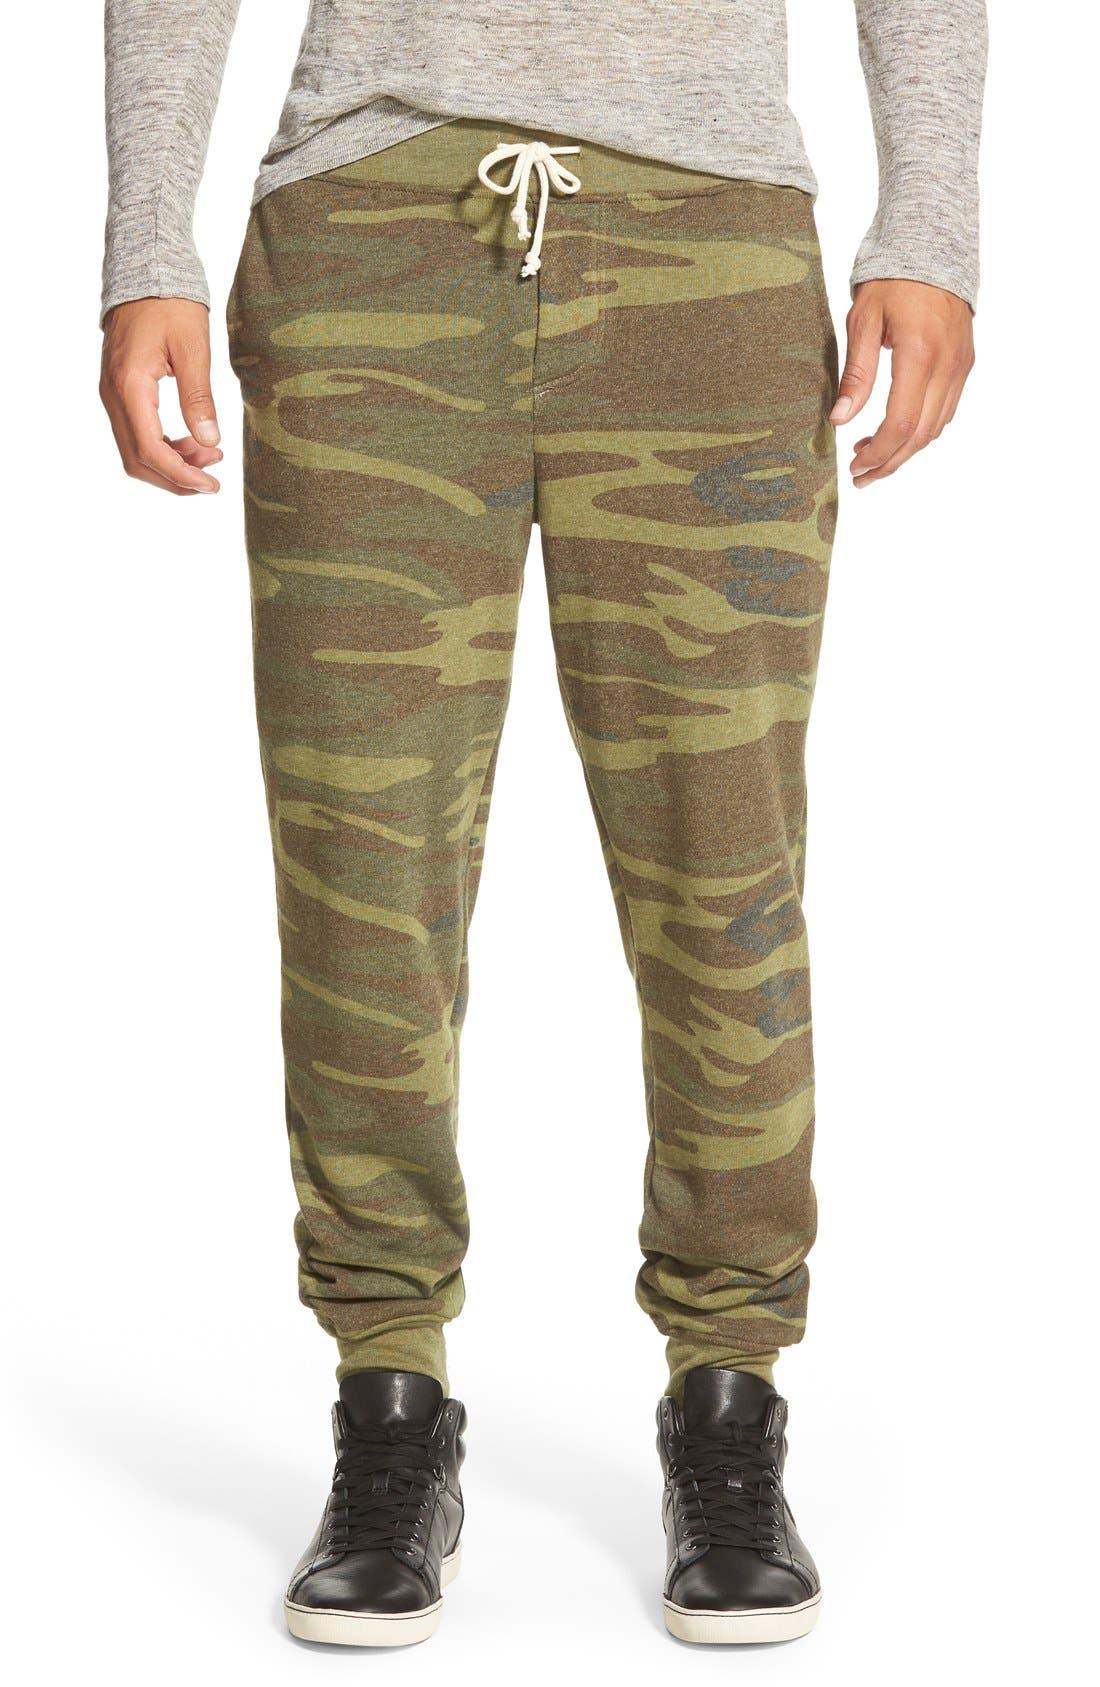 ALTERNATIVE Dodgeball Camo Print Sweatpants